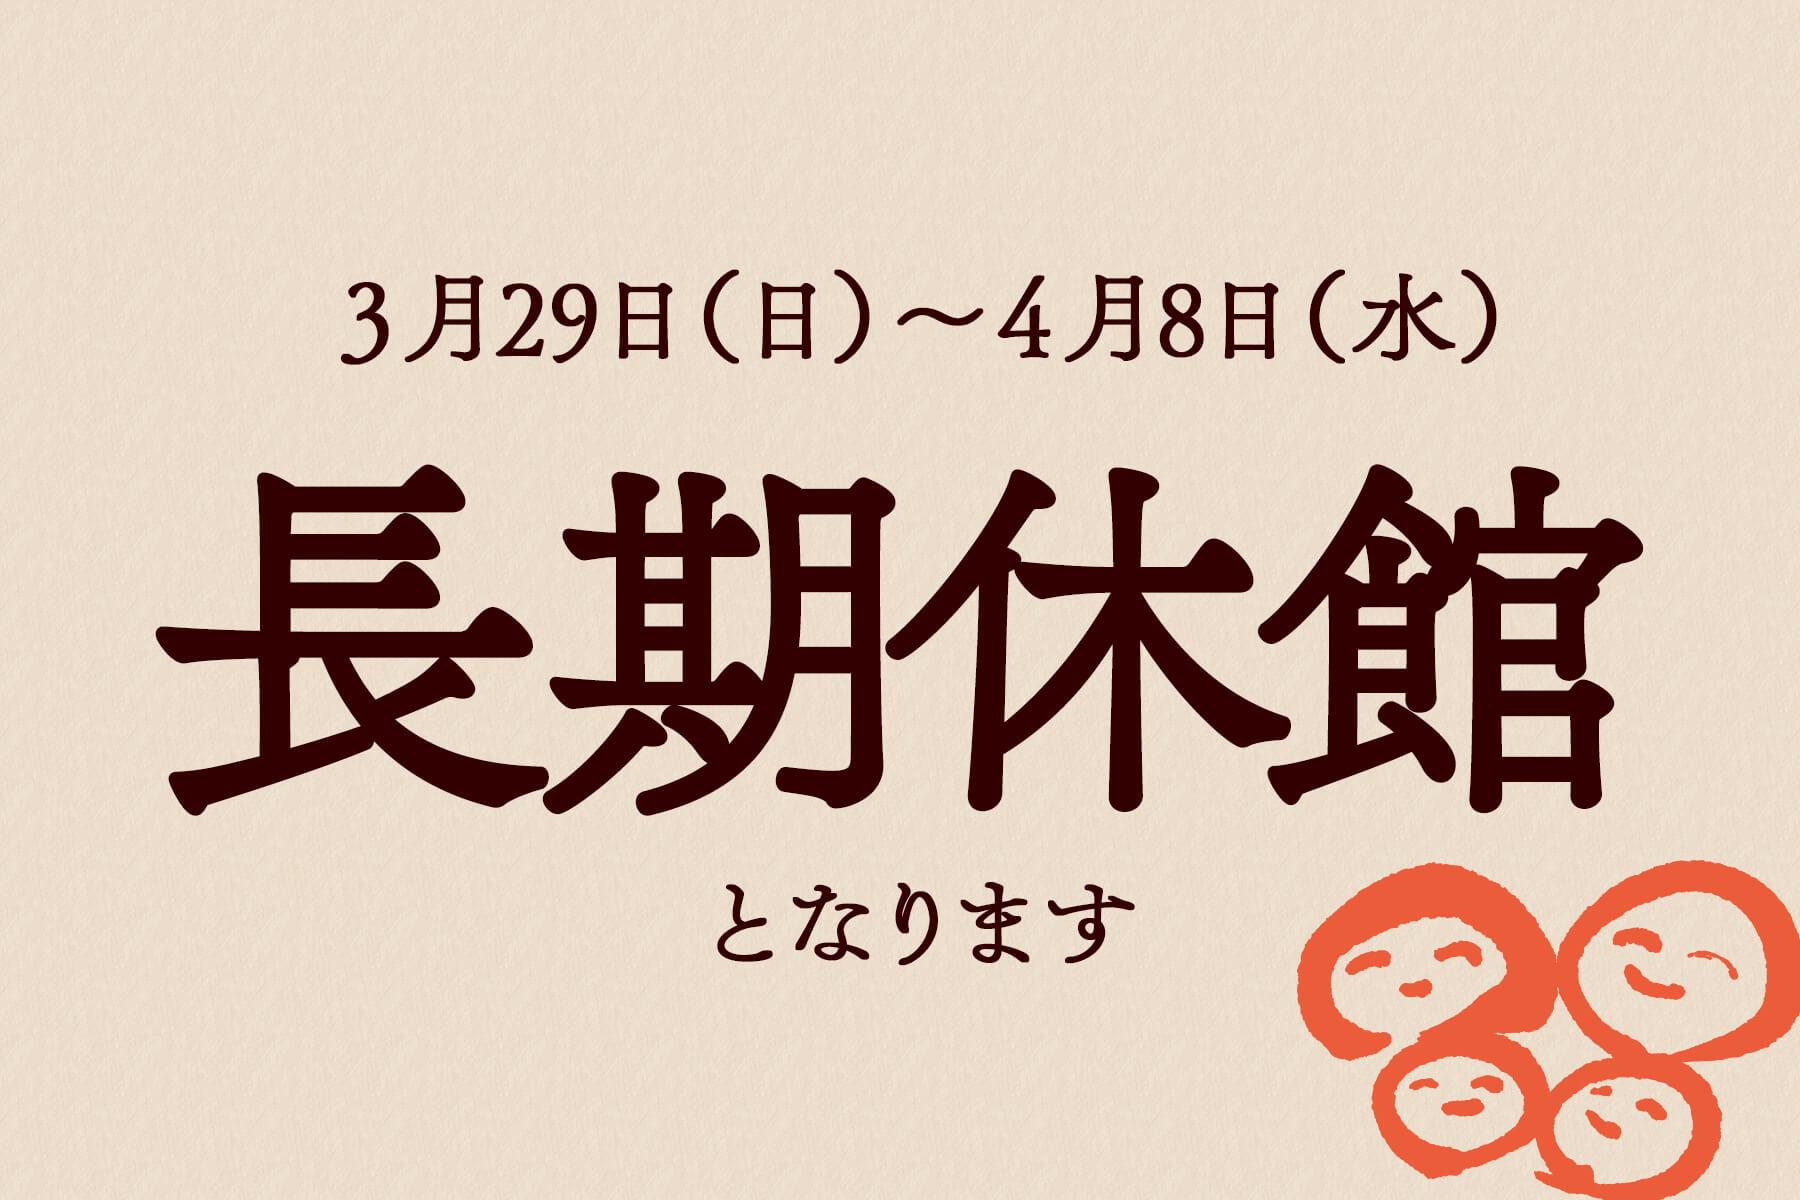 3月29日(日)〜4月8日(水)の休館